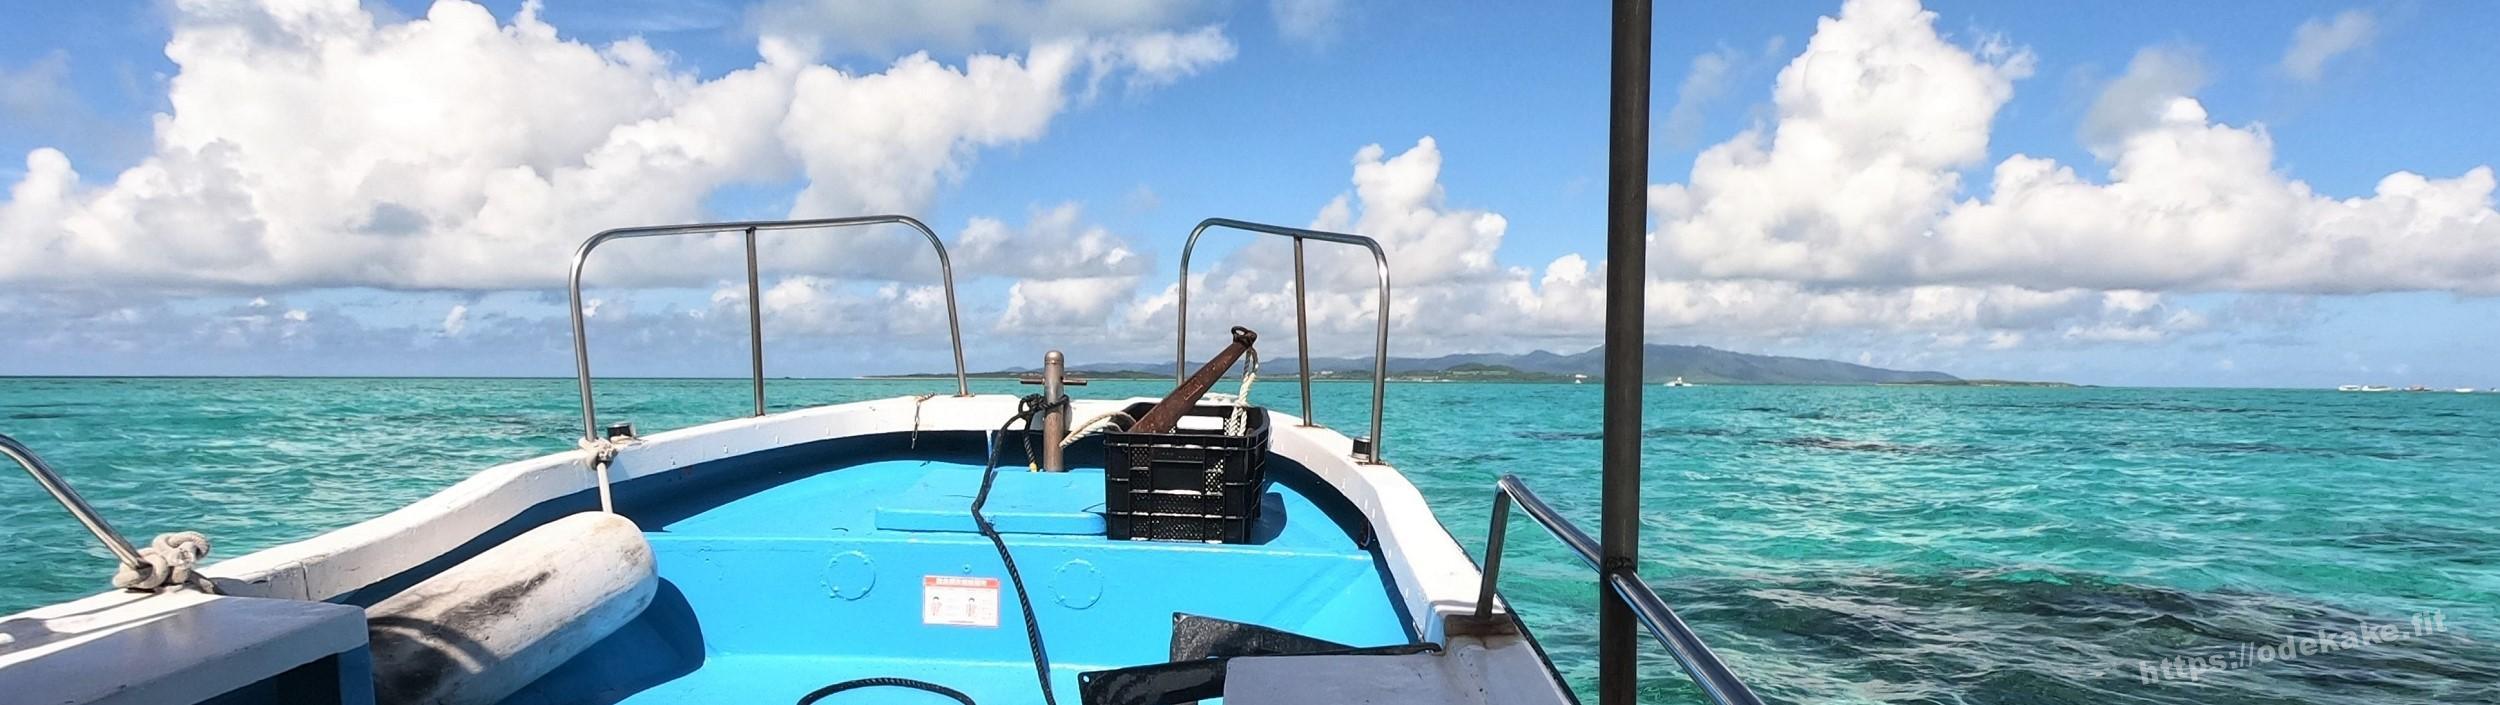 【石垣沖】幻の島+石西礁湖+マンタツアーに女1人で参加してきたよ!